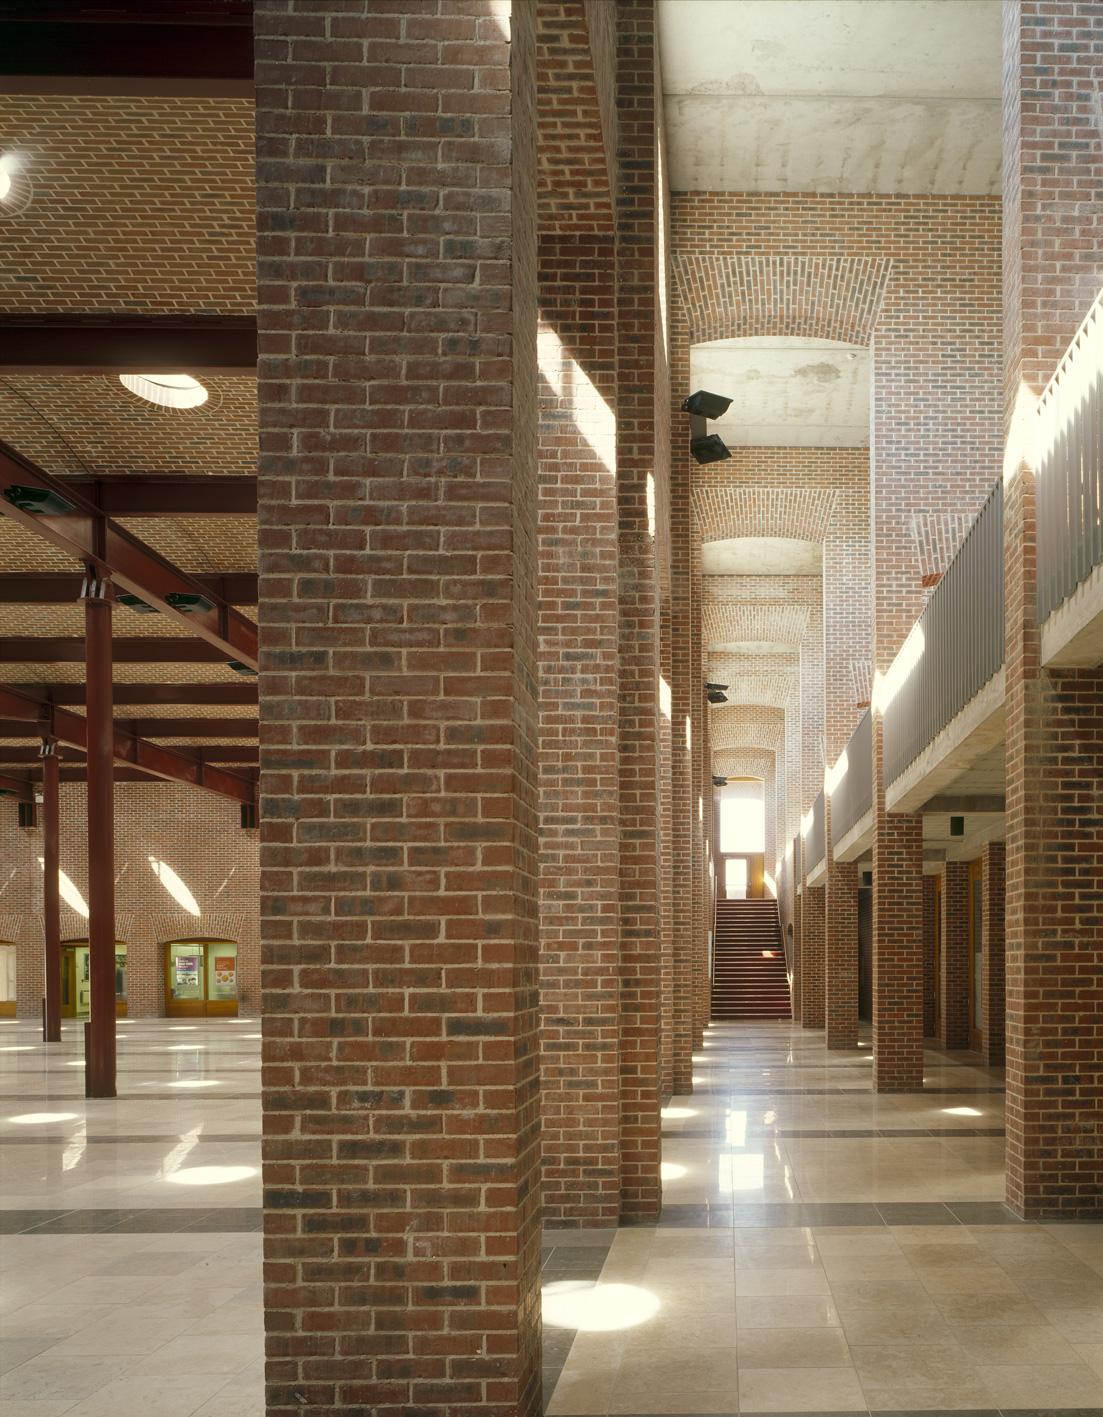 5 CIT - Student Centre